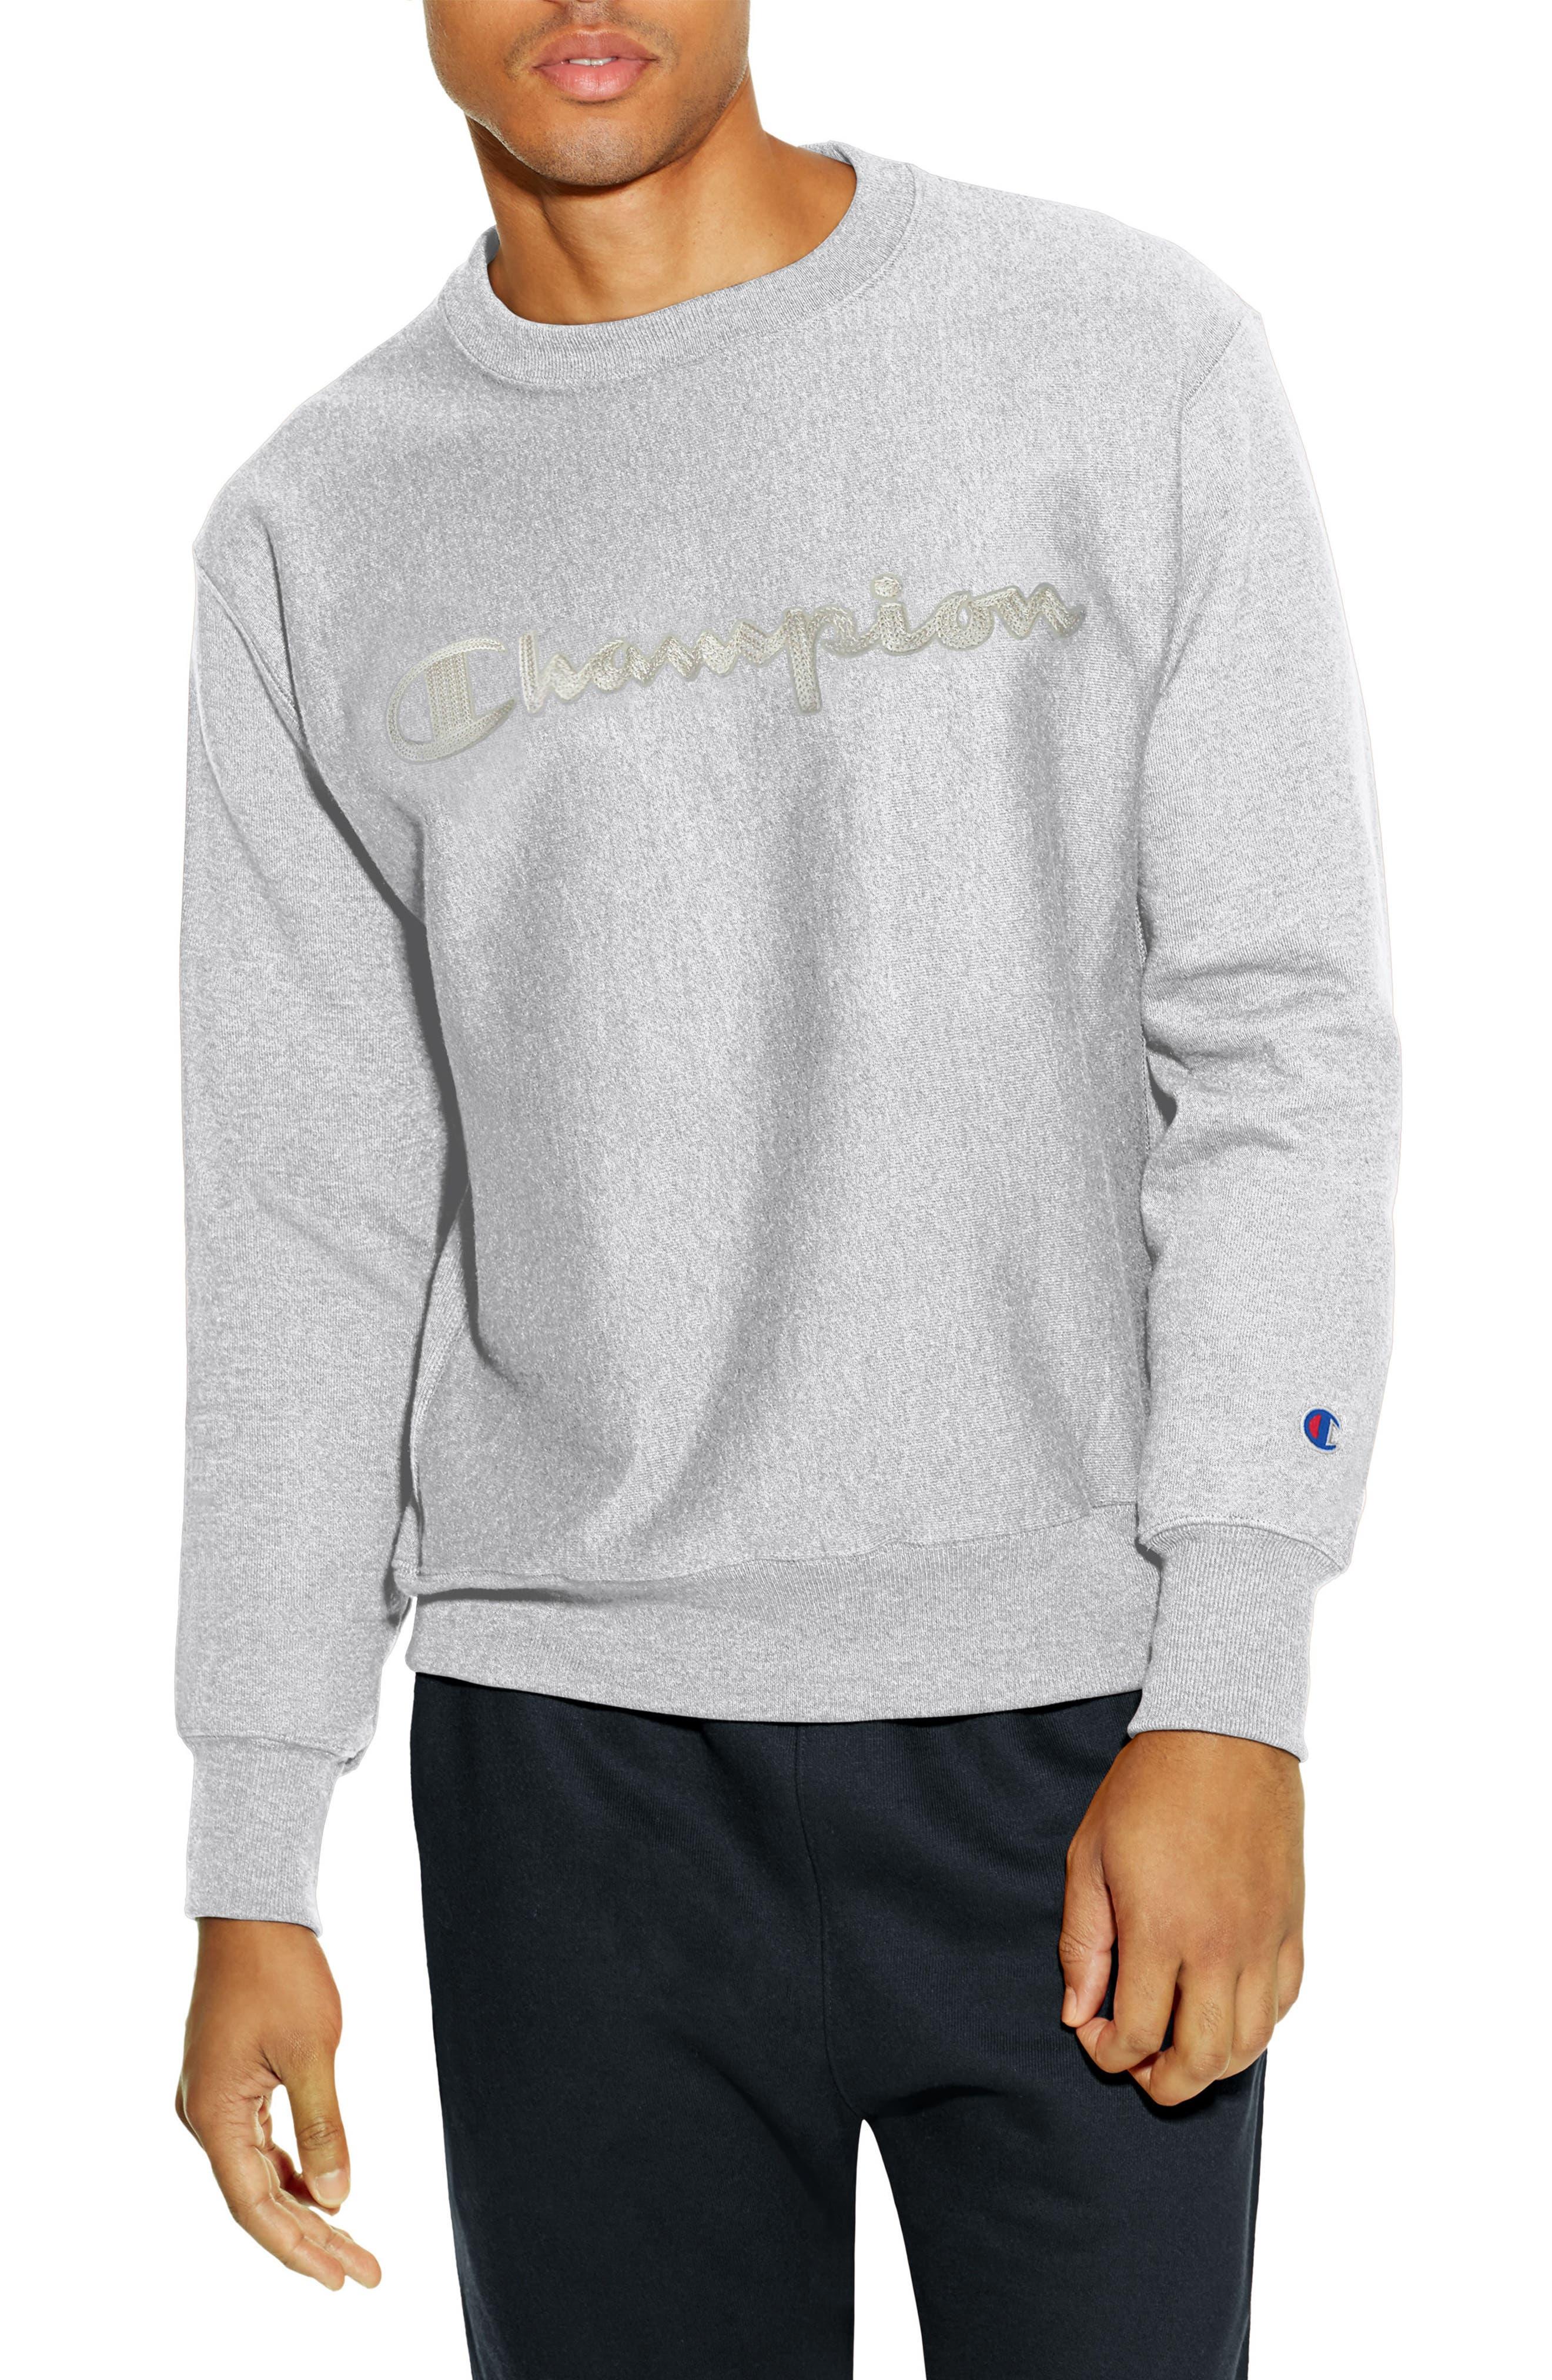 Reverse Weave Crewneck Cotton Blend Sweatshirt,                             Main thumbnail 1, color,                             OXFORD GRAY